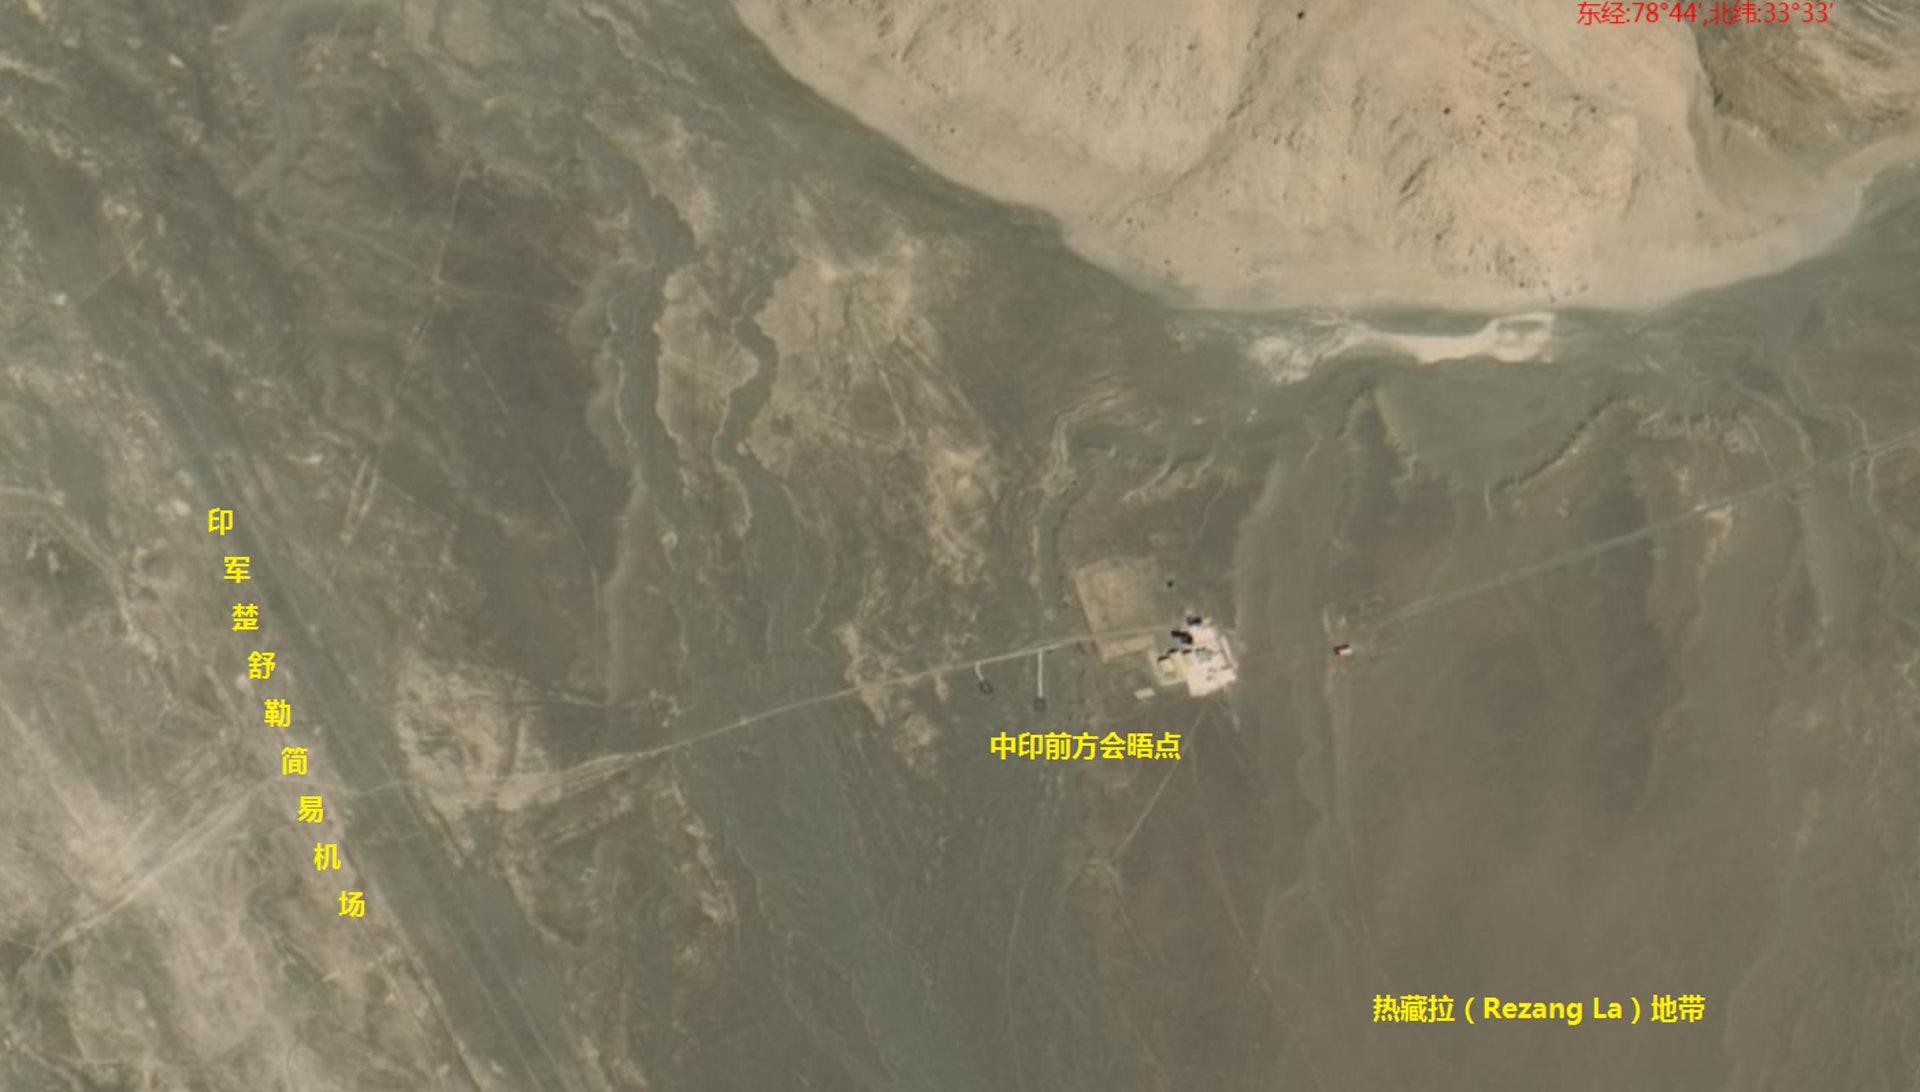 圖為楚舒勒一線的簡易機場與中印會晤點,如無意外,近日走失的解放軍士兵將在此送還中方一側。(天地圖截圖)